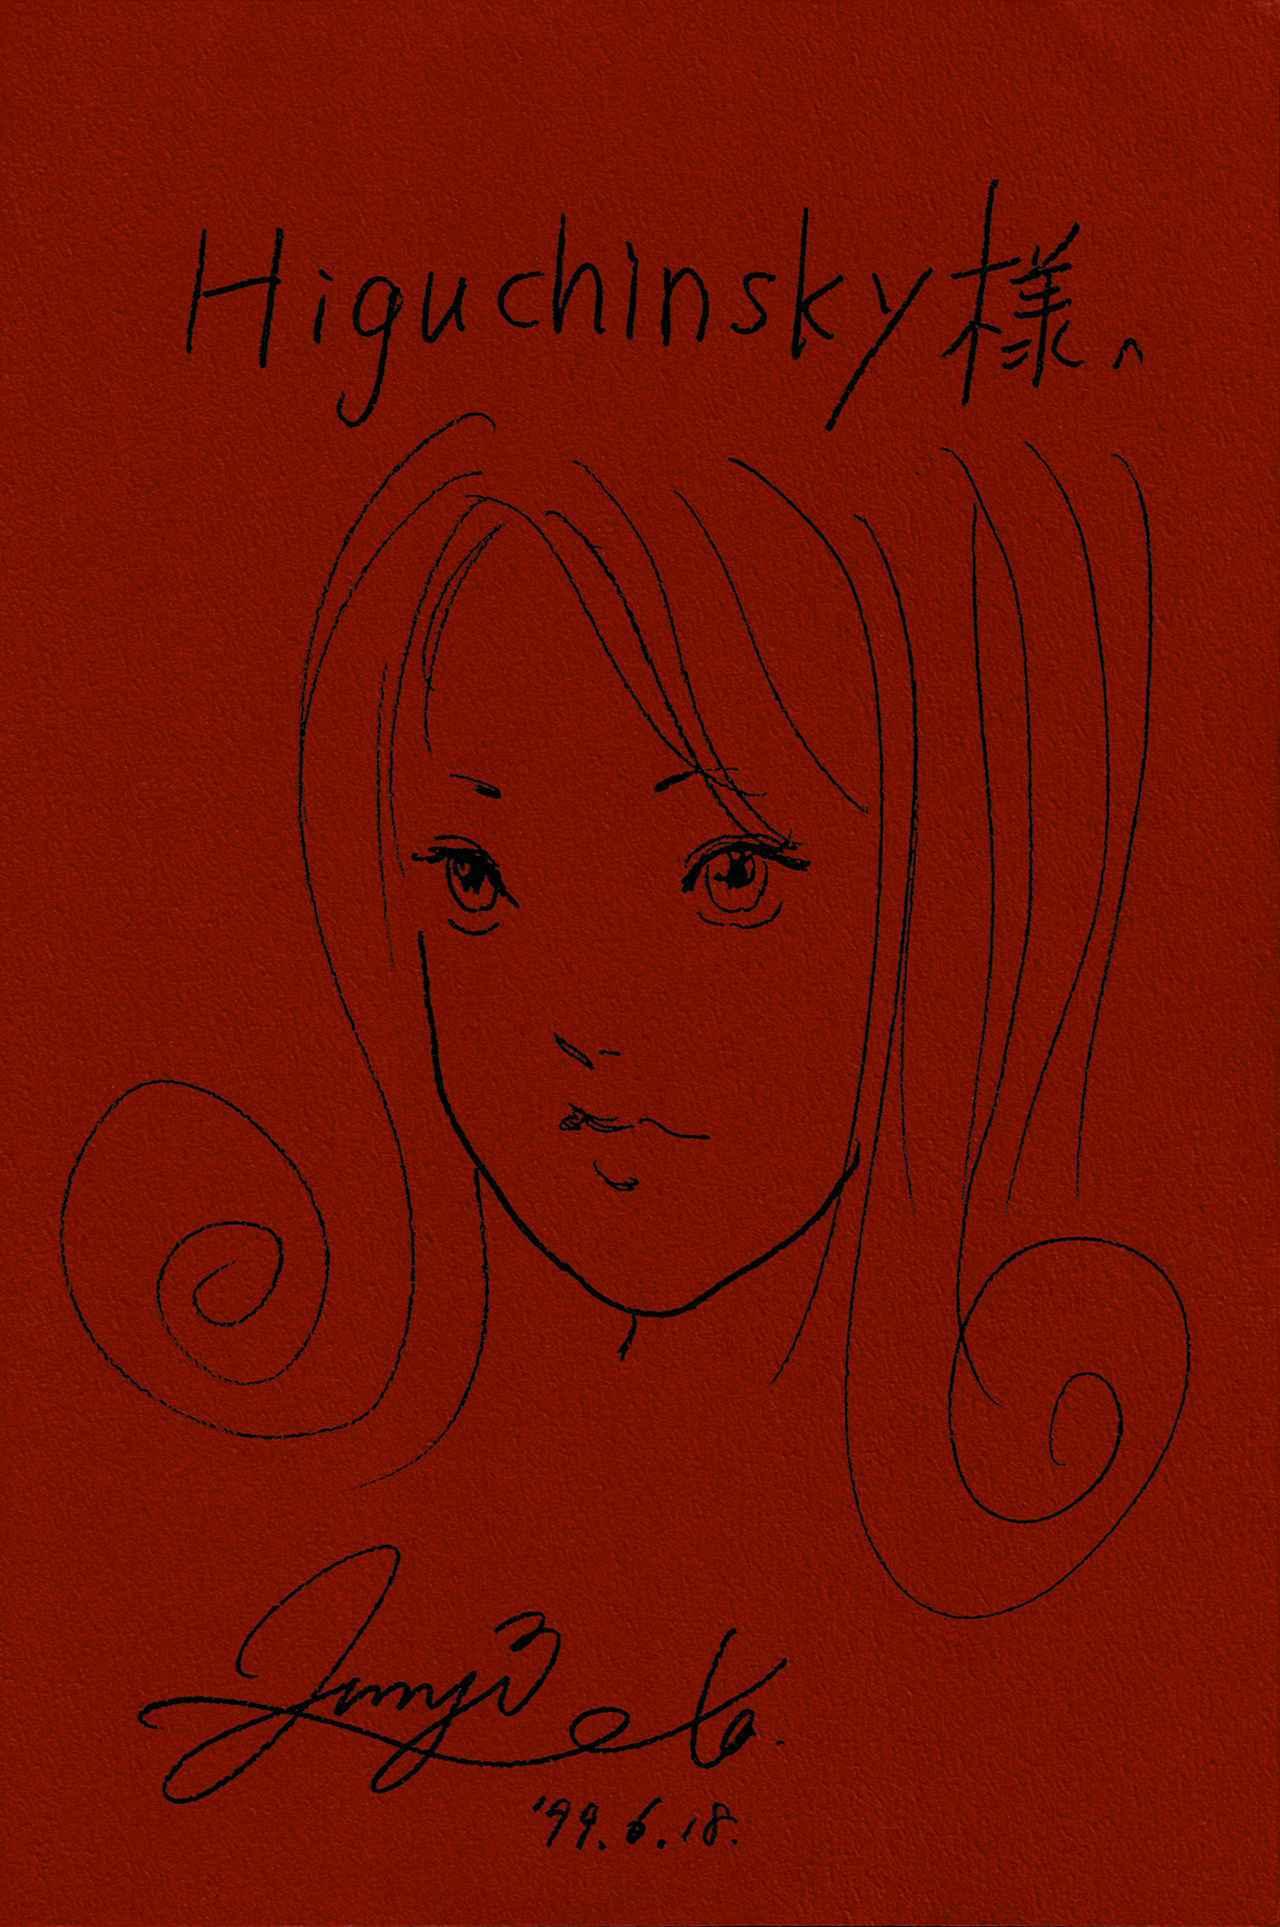 画像: 監督が原作本の裏表紙にもらった伊藤潤二氏のサイン